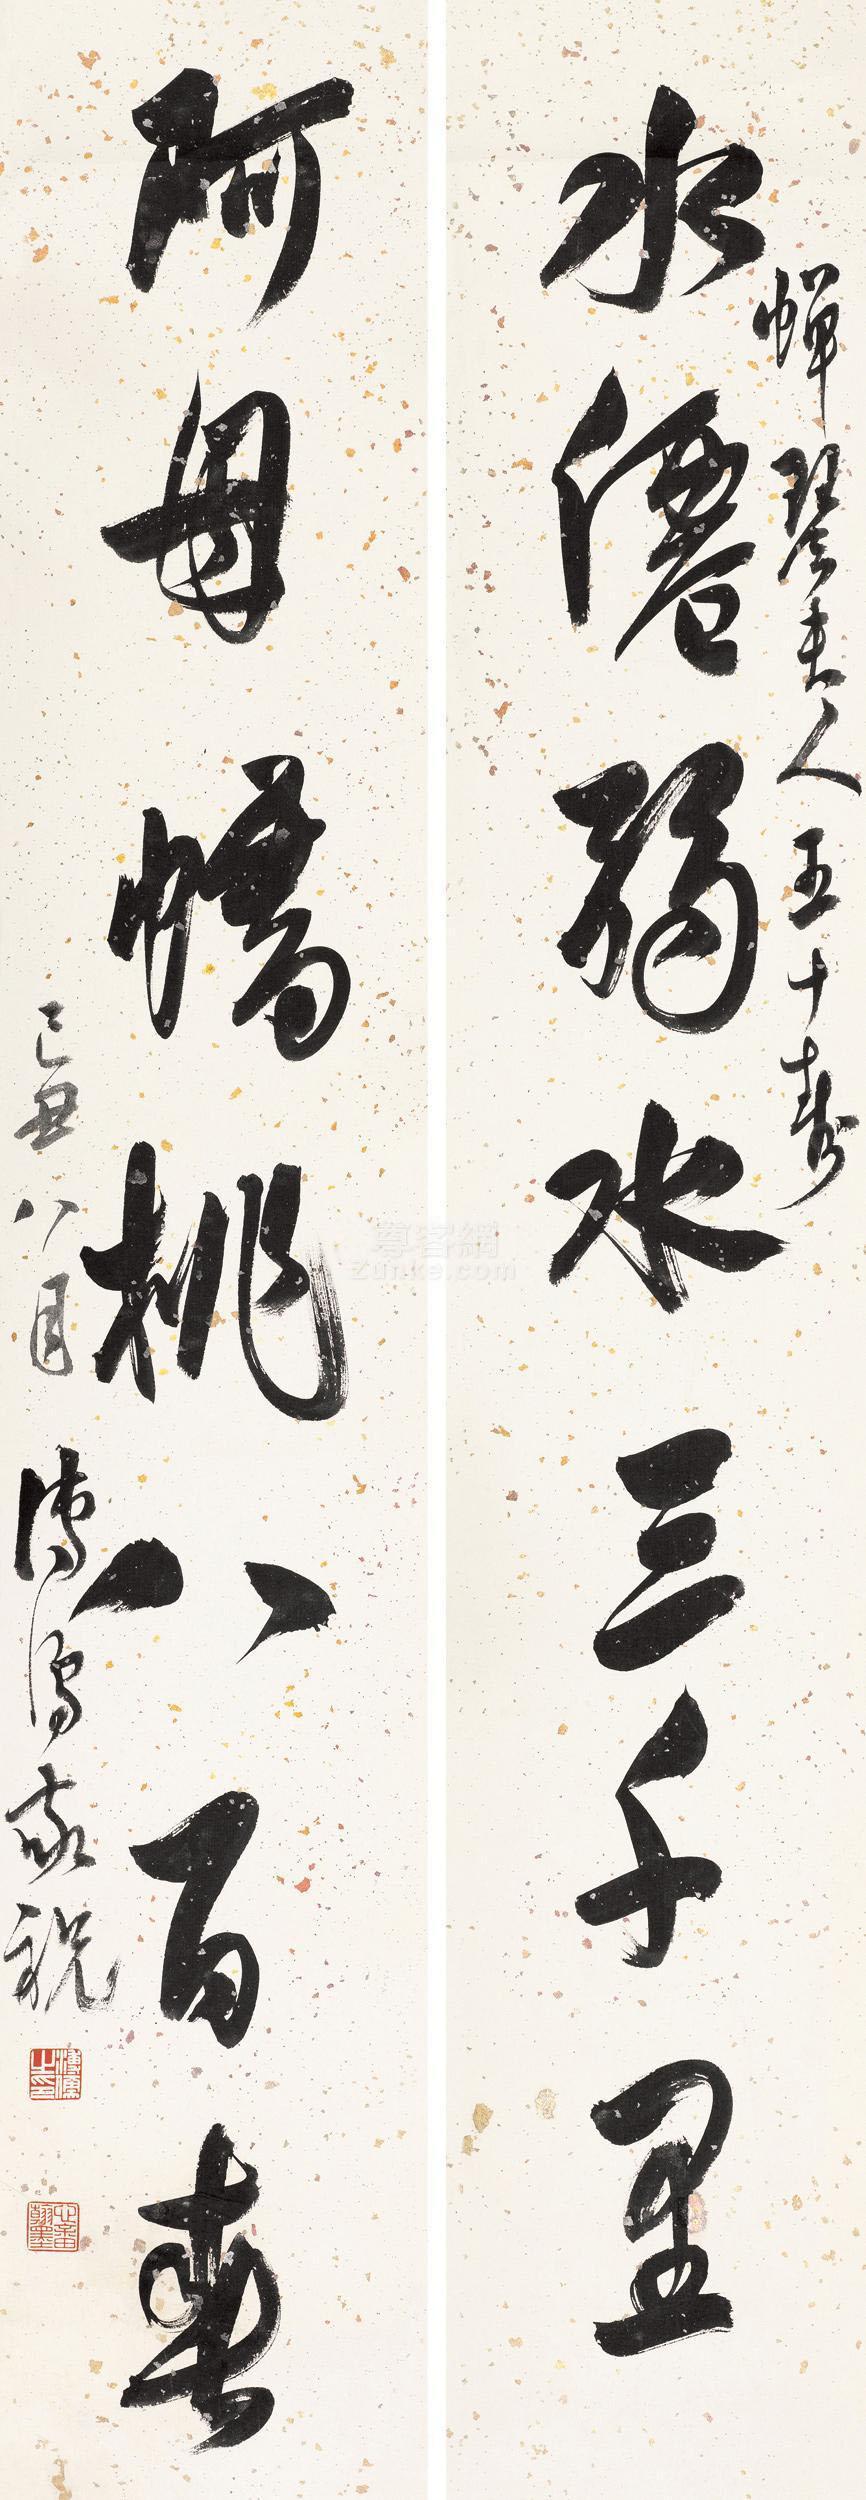 溥儒 行书七言联 对联 水墨笺本作品欣赏